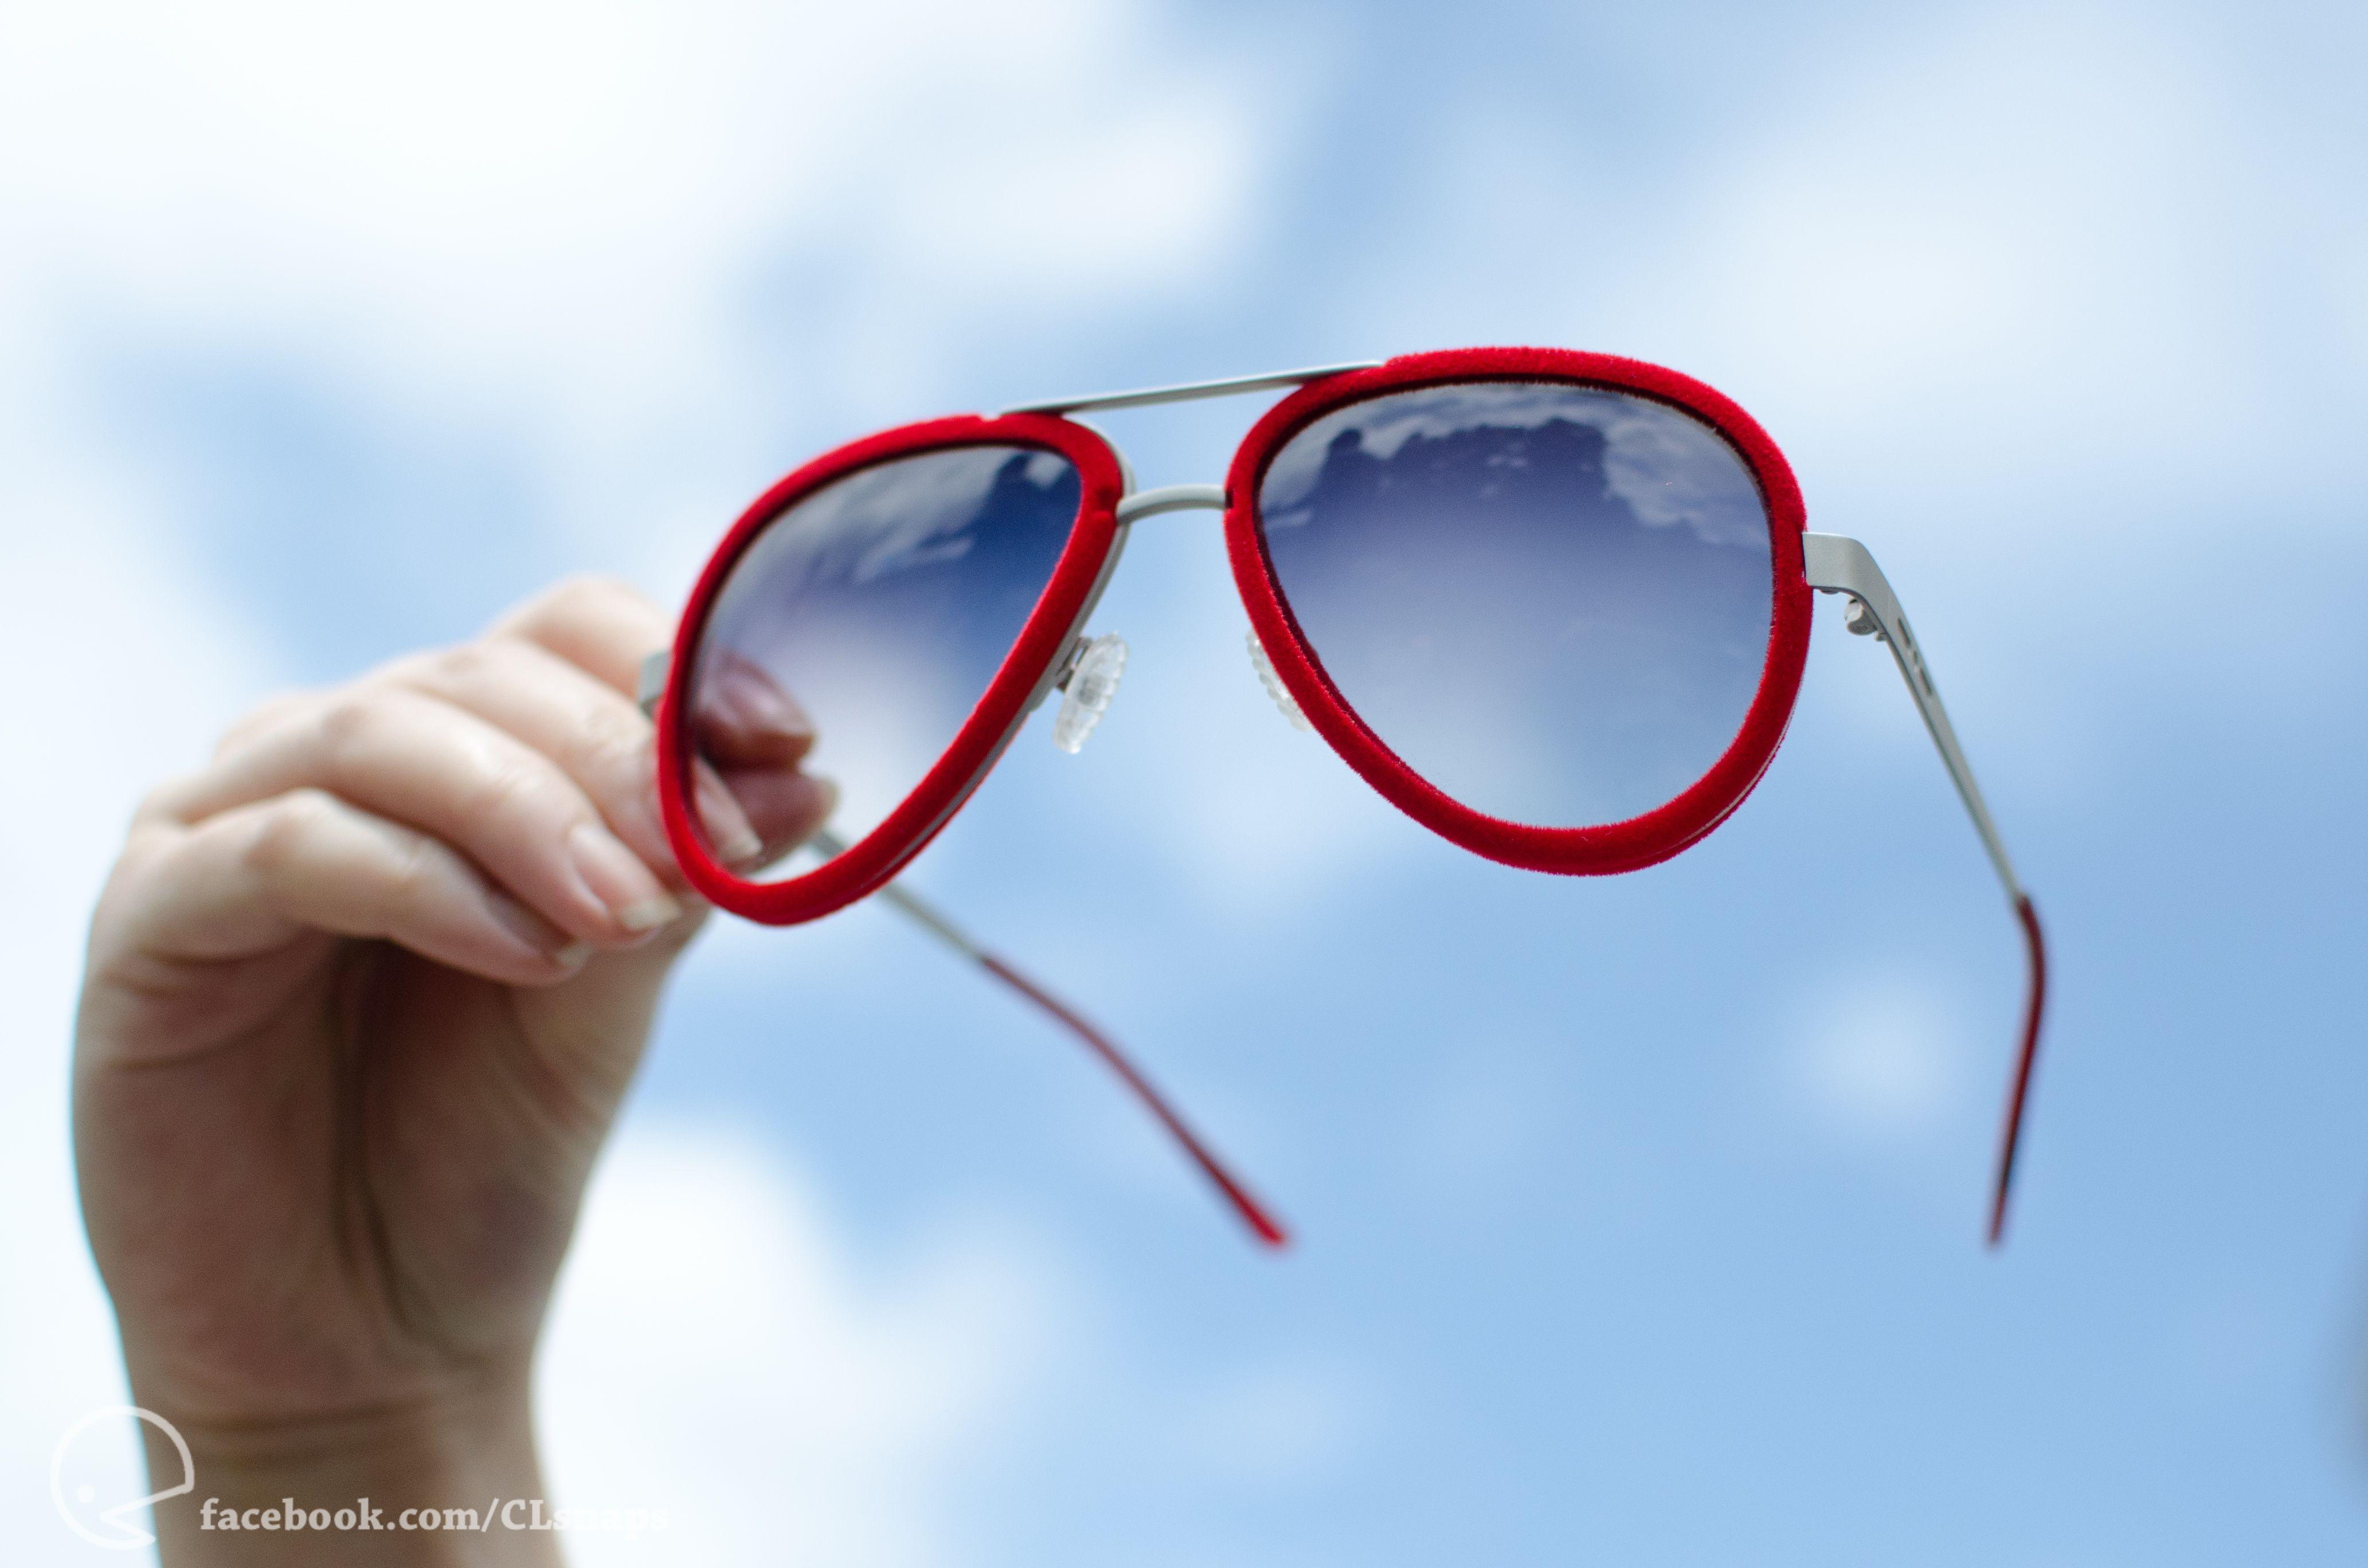 dd1dffc634 2020 Optical Store - London Premium Eyewear Retailer